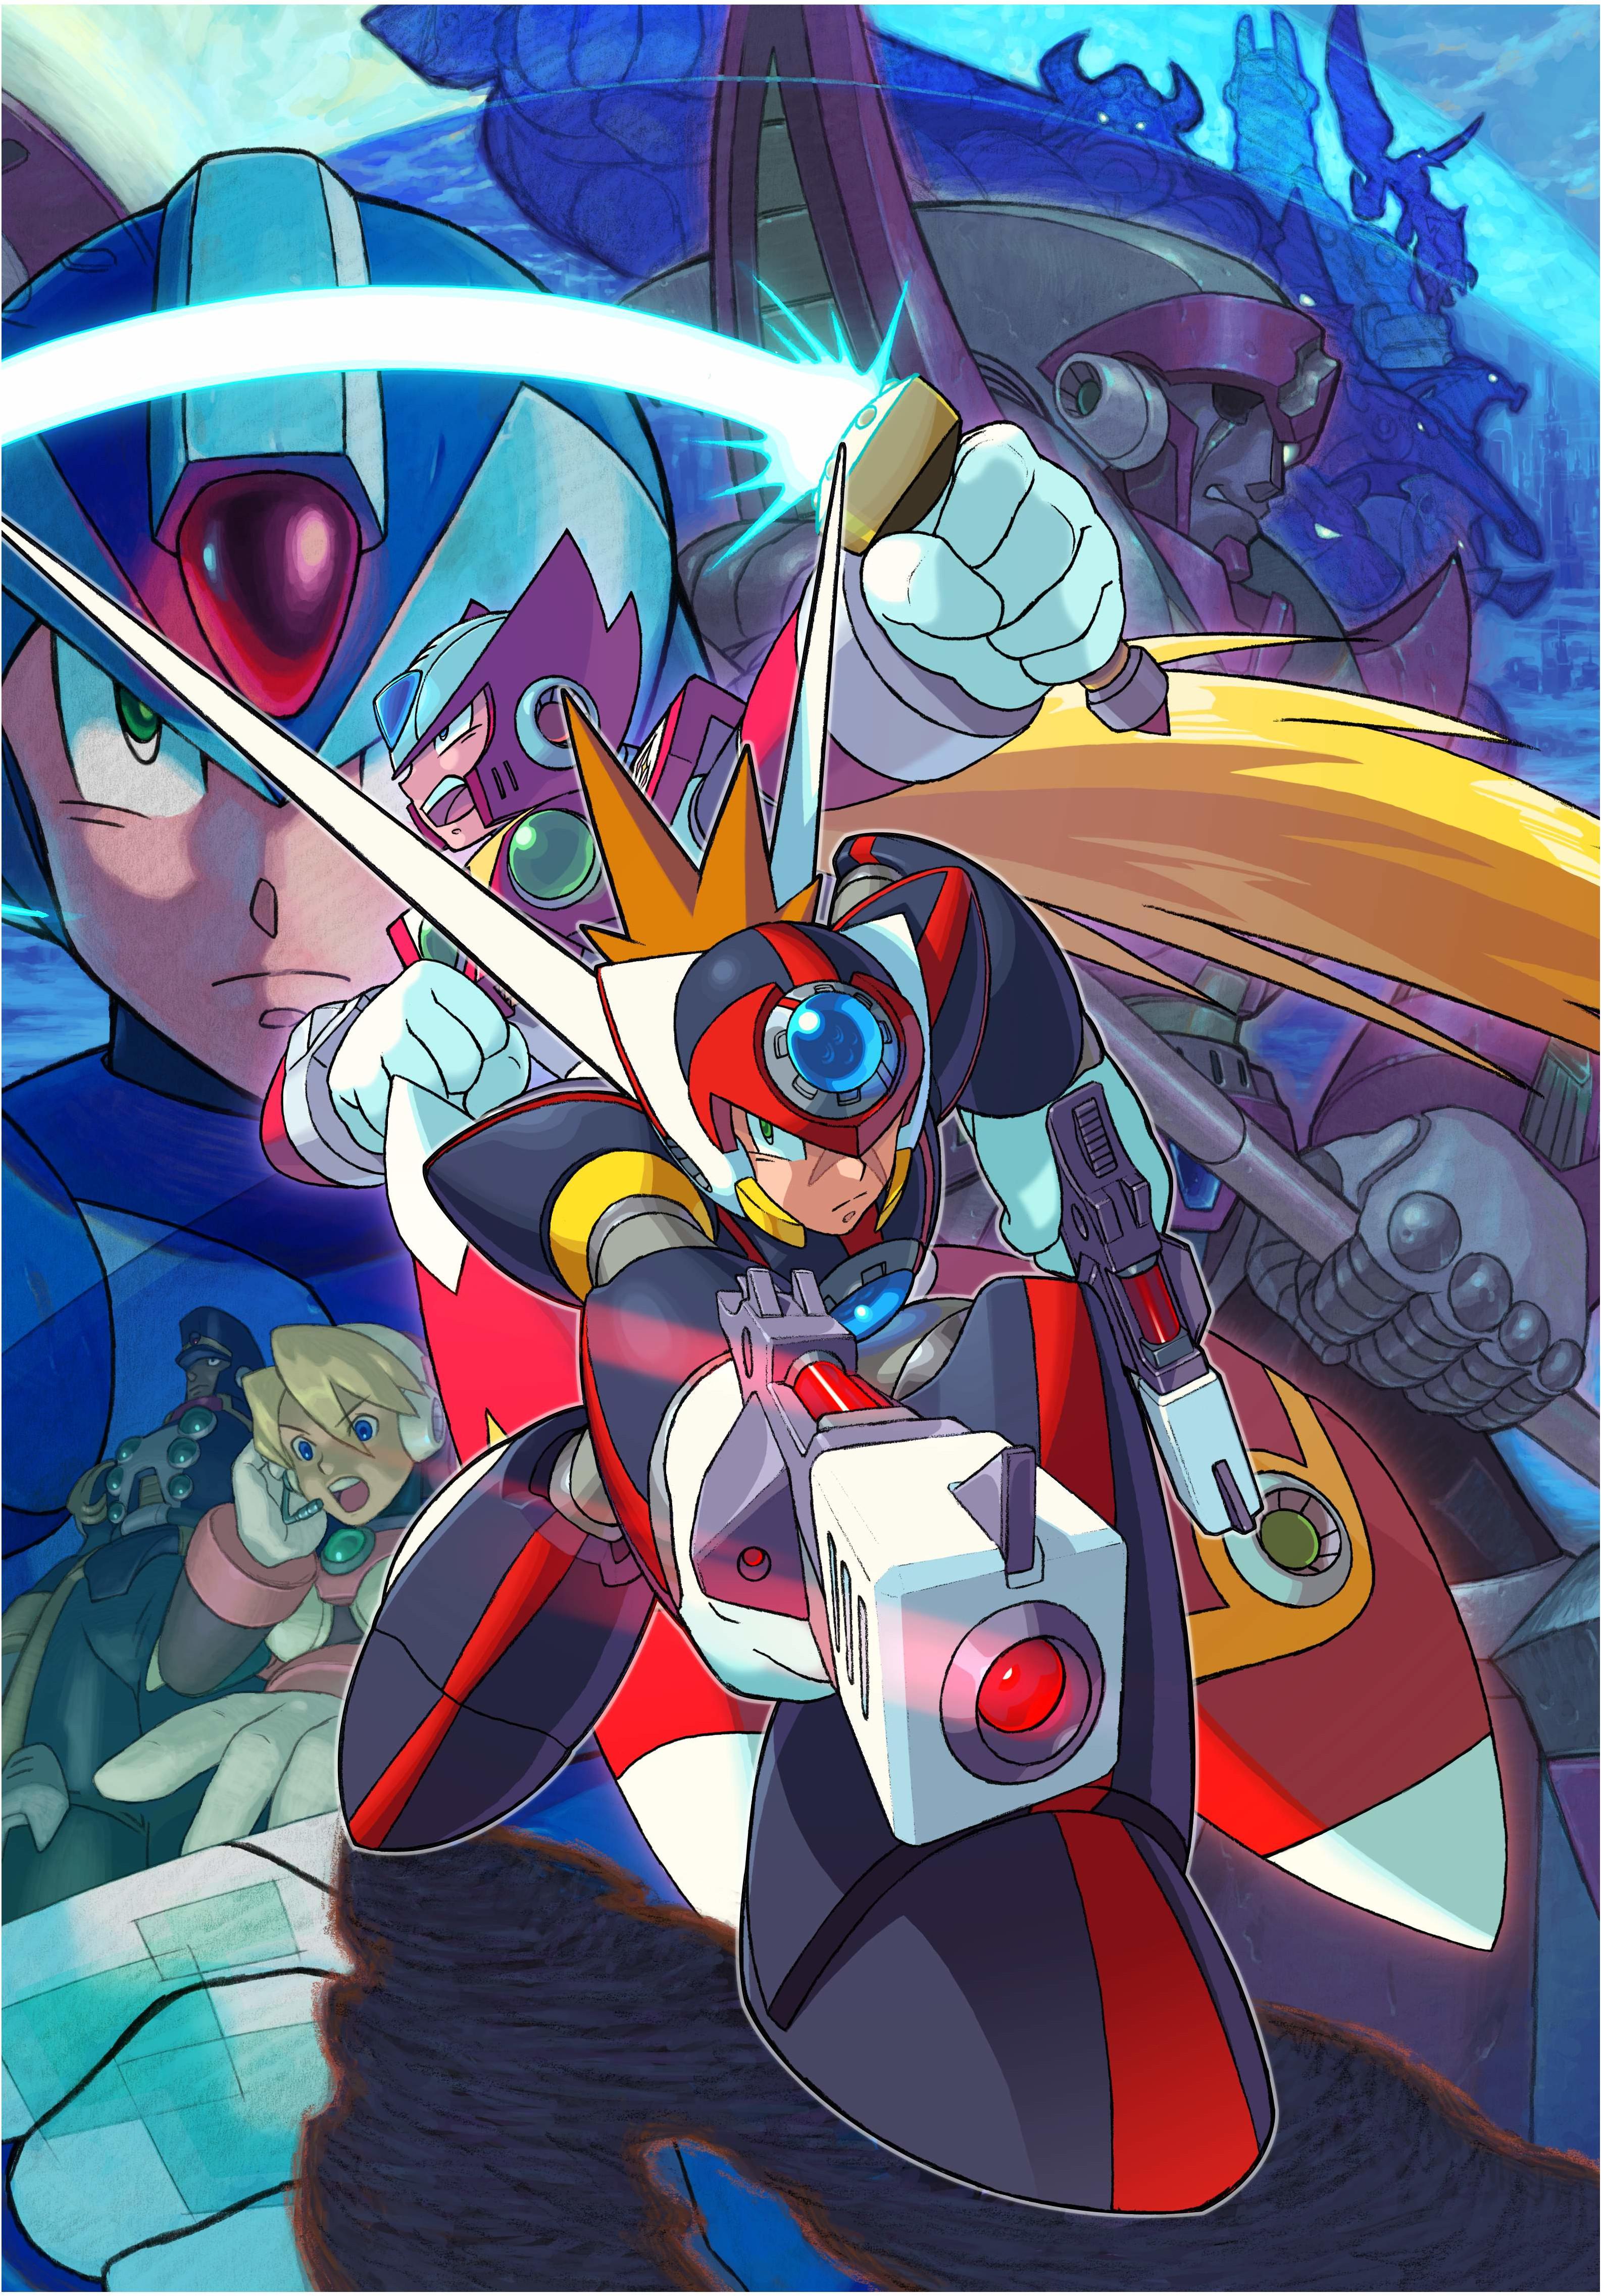 Mega man x7 mmkb the mega man knowledge base mega man - Megaman wikia ...